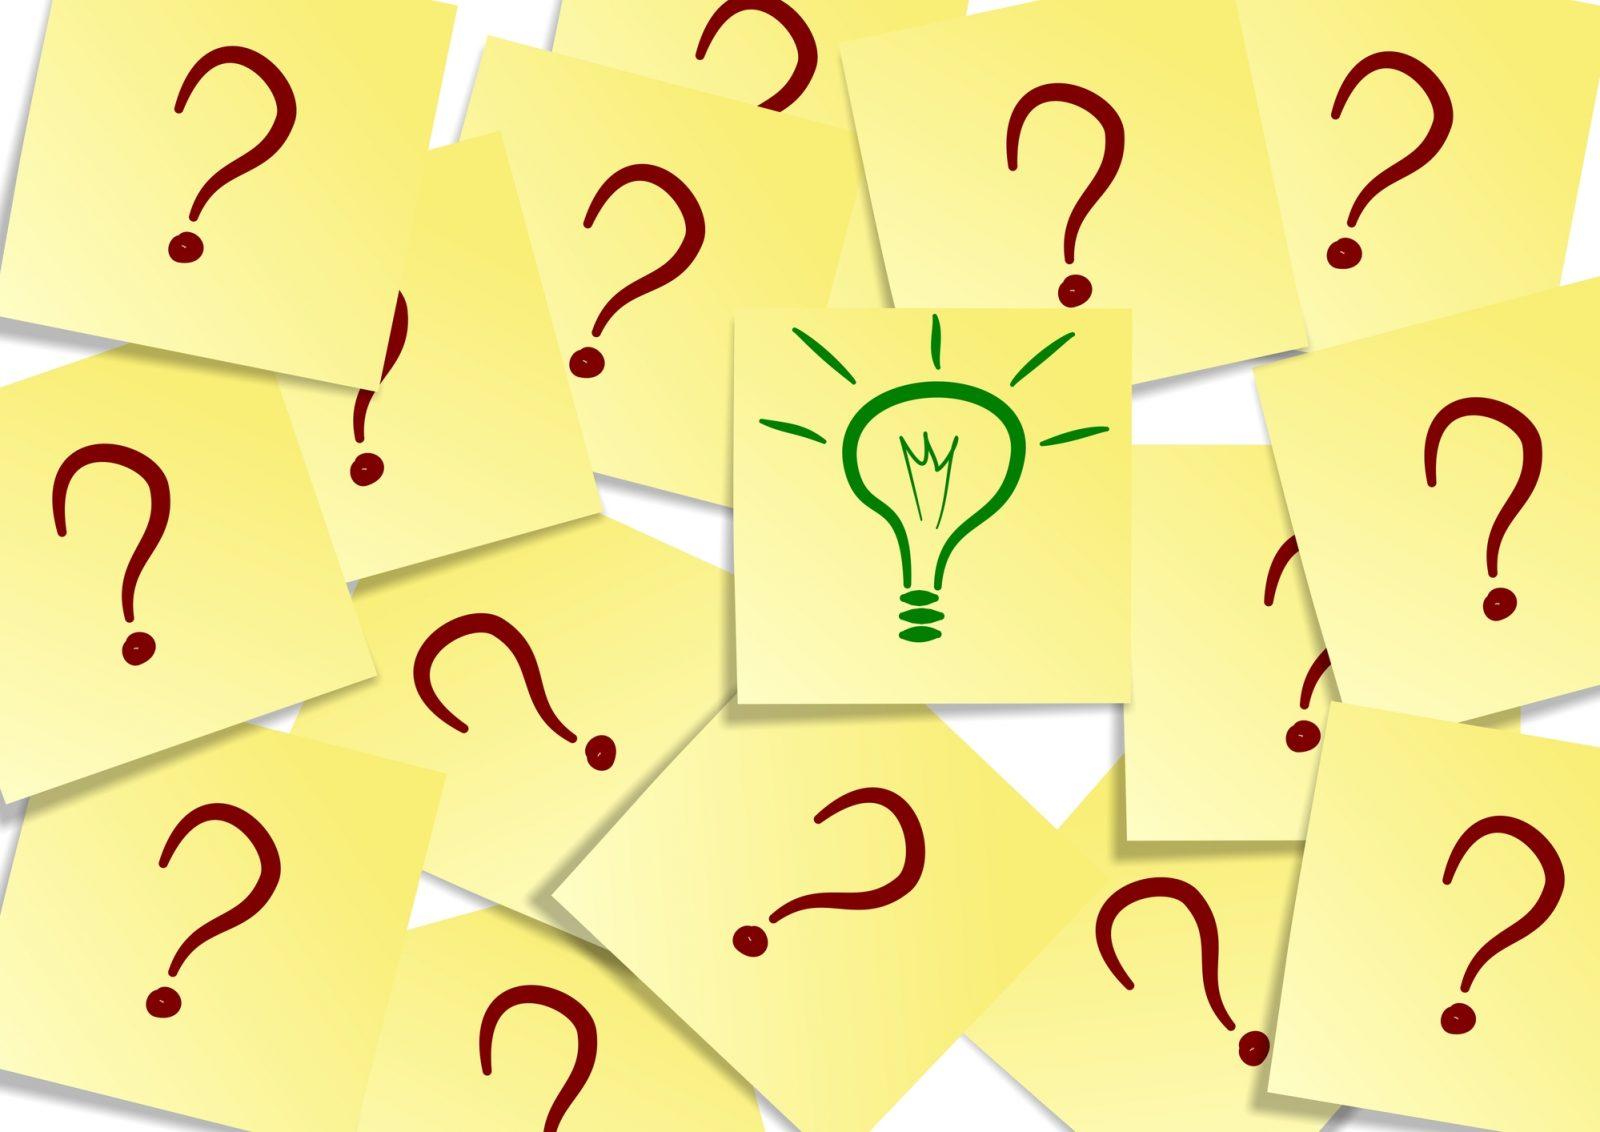 ridicați toate întrebările și răspunsurile